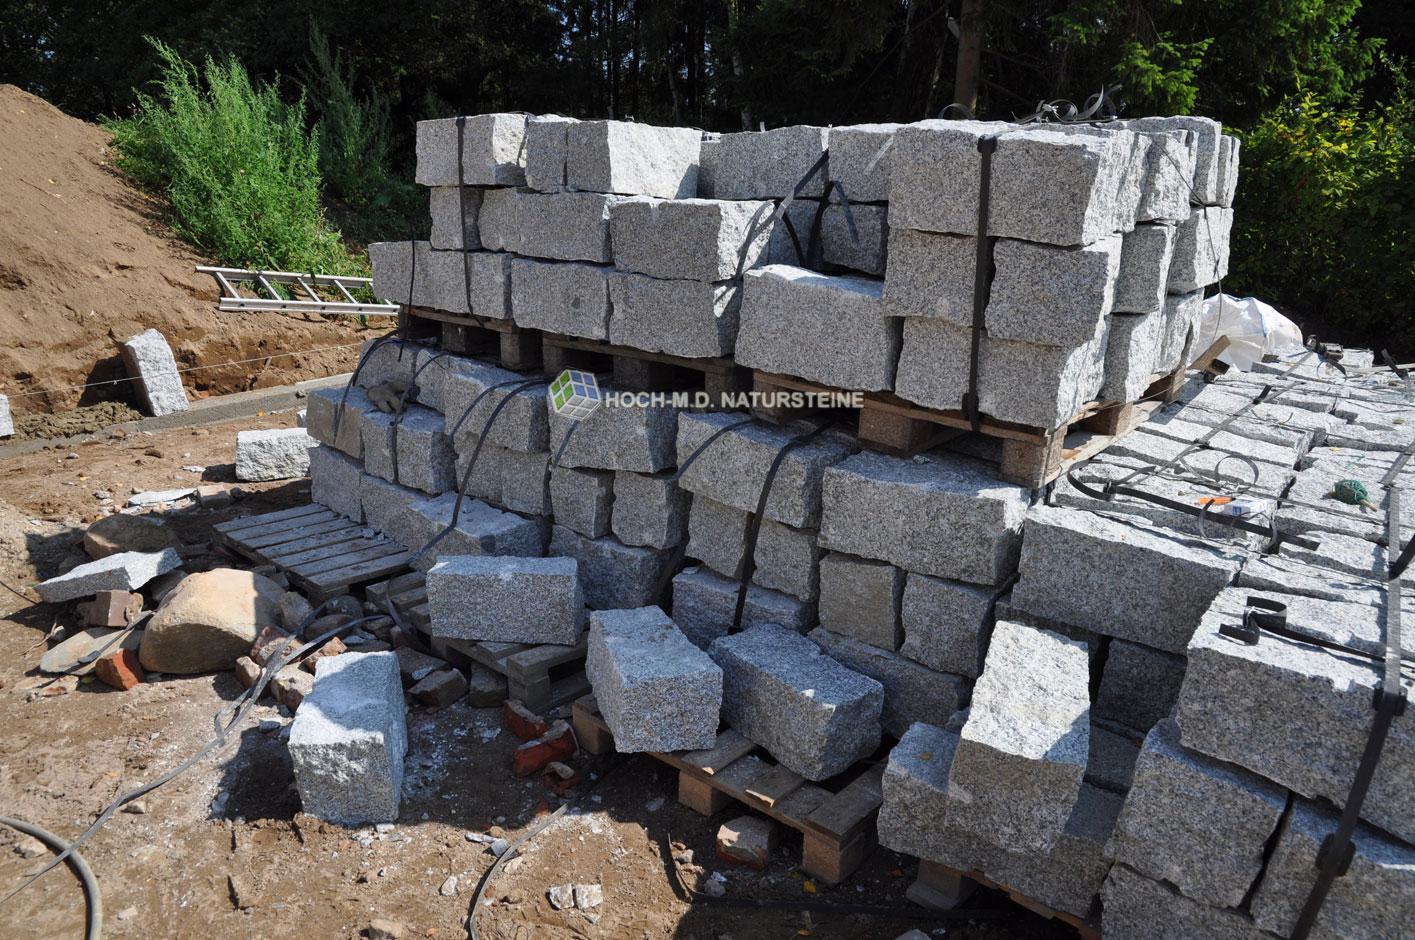 natursteine f r trockenmauer preis pflastersteine. Black Bedroom Furniture Sets. Home Design Ideas